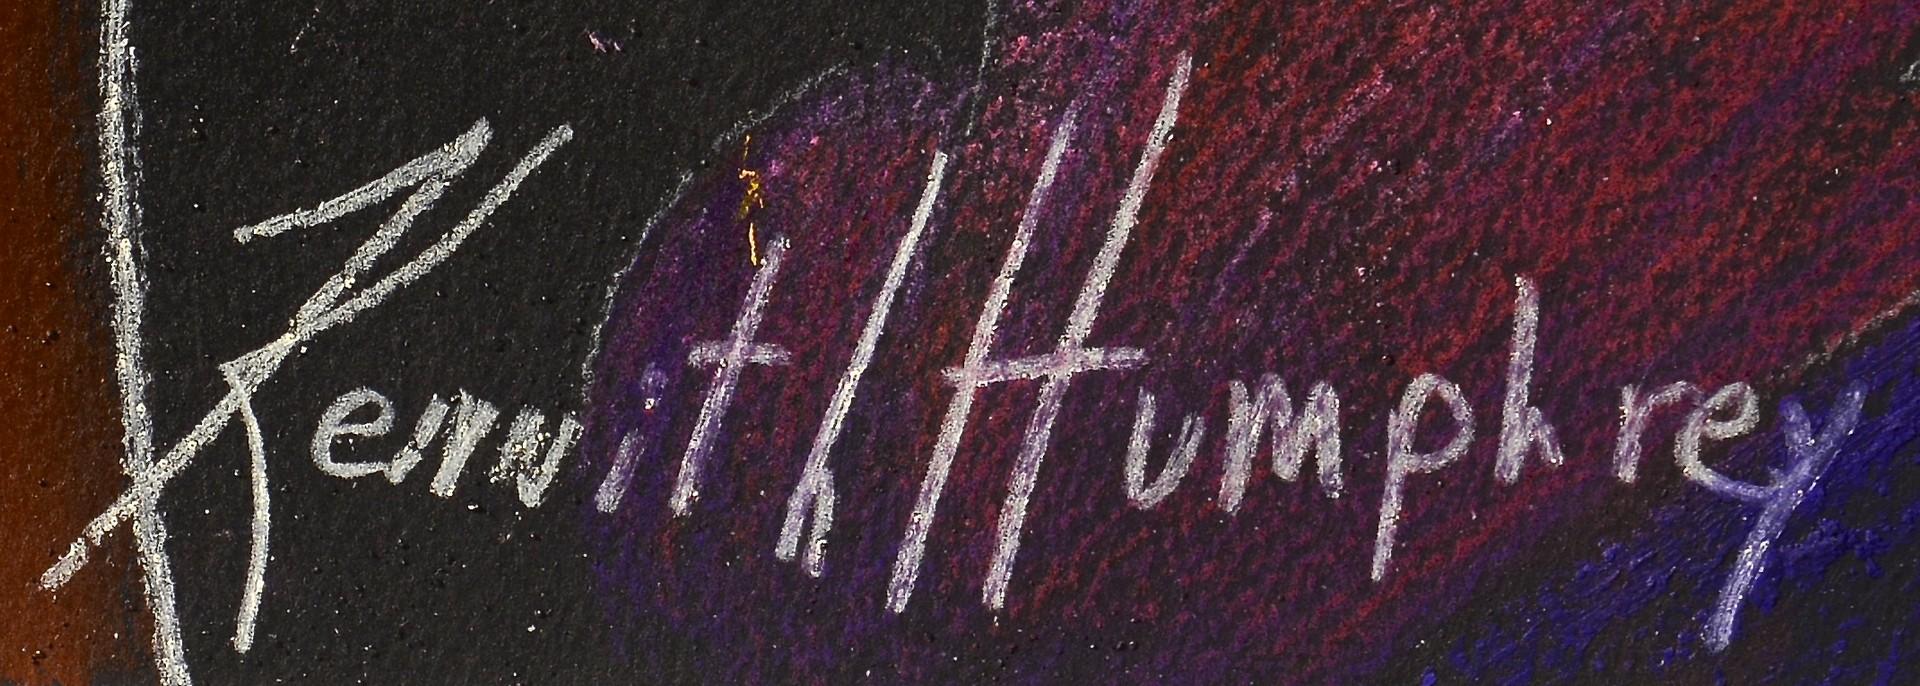 Lot 698: Ken Humphrey work on paper